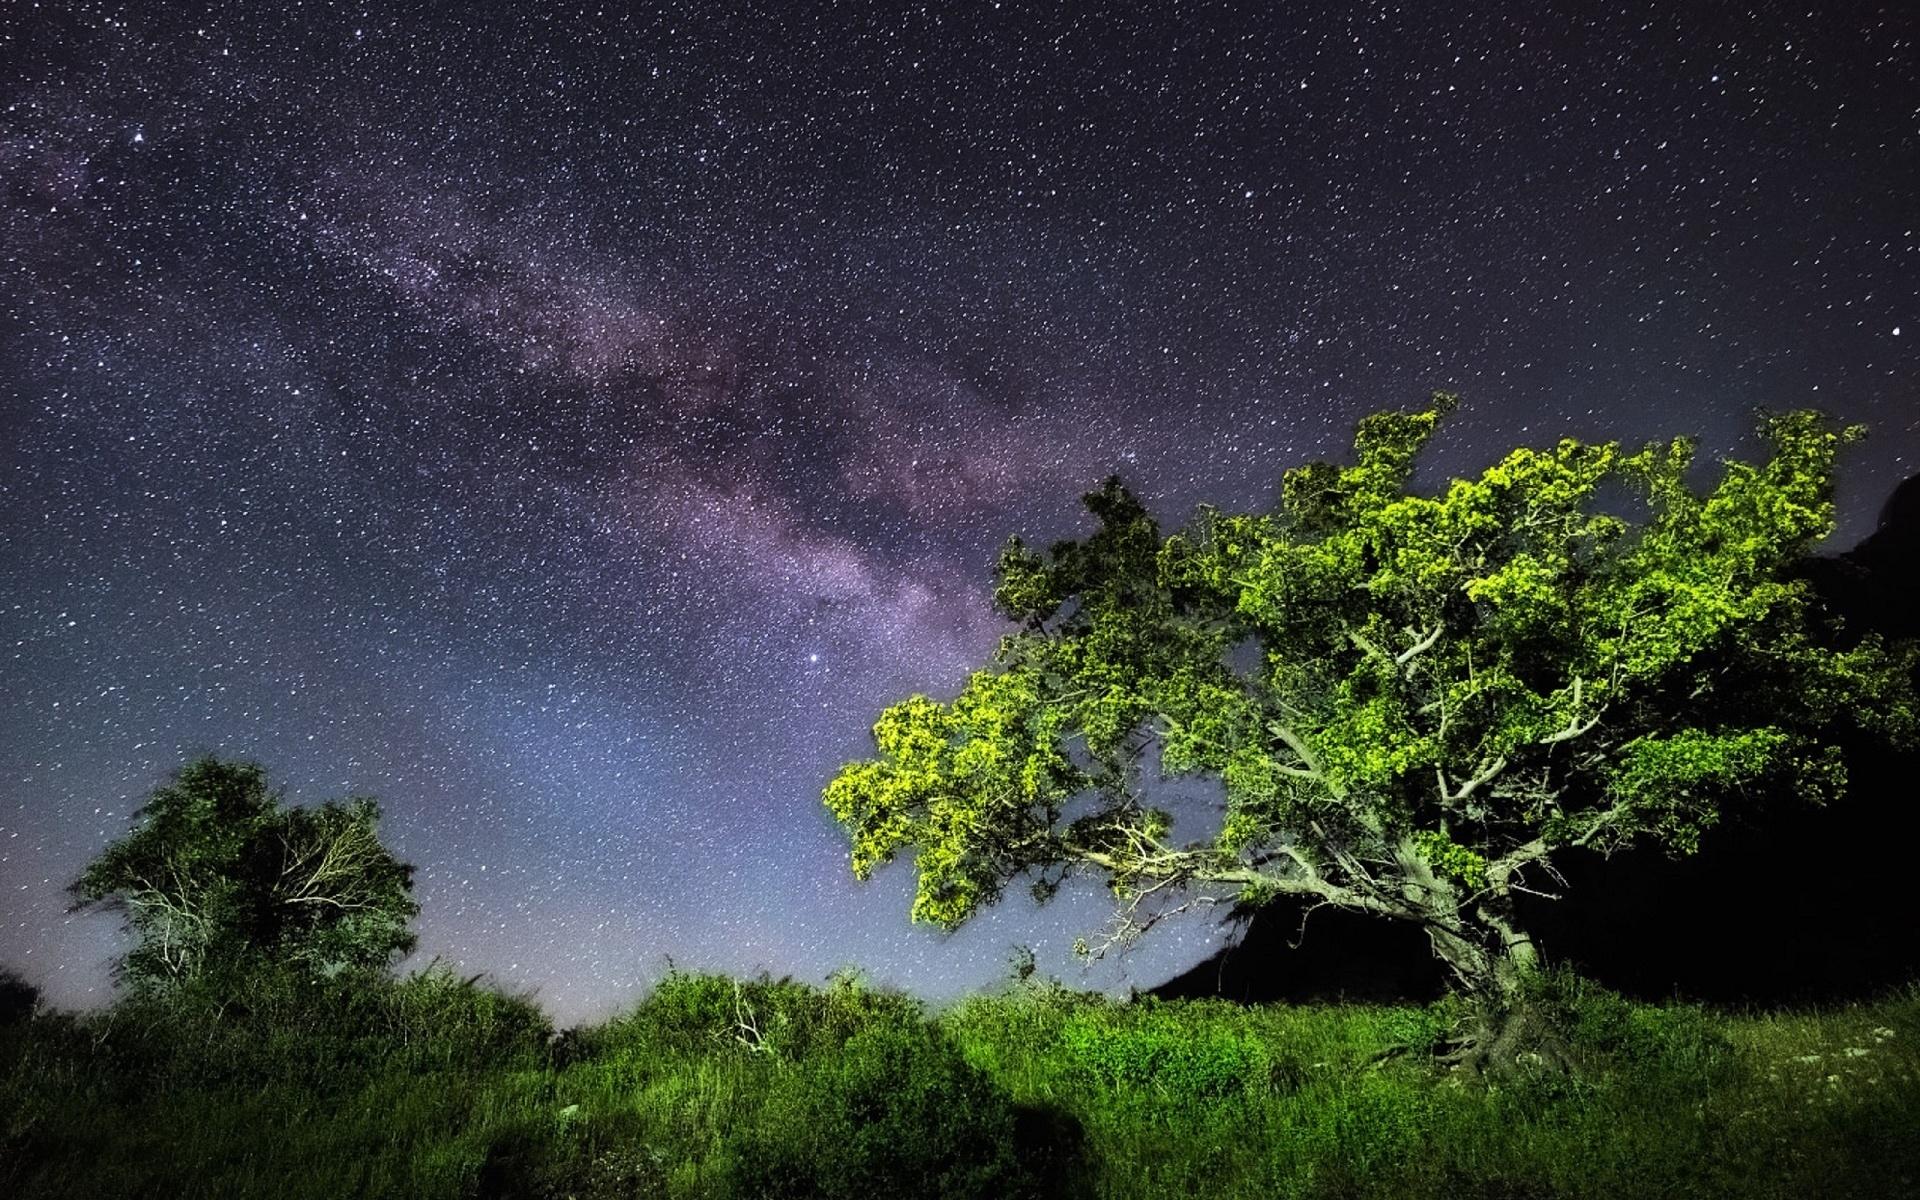 как фотографировать звездное небо и лес для фотографий позволяет